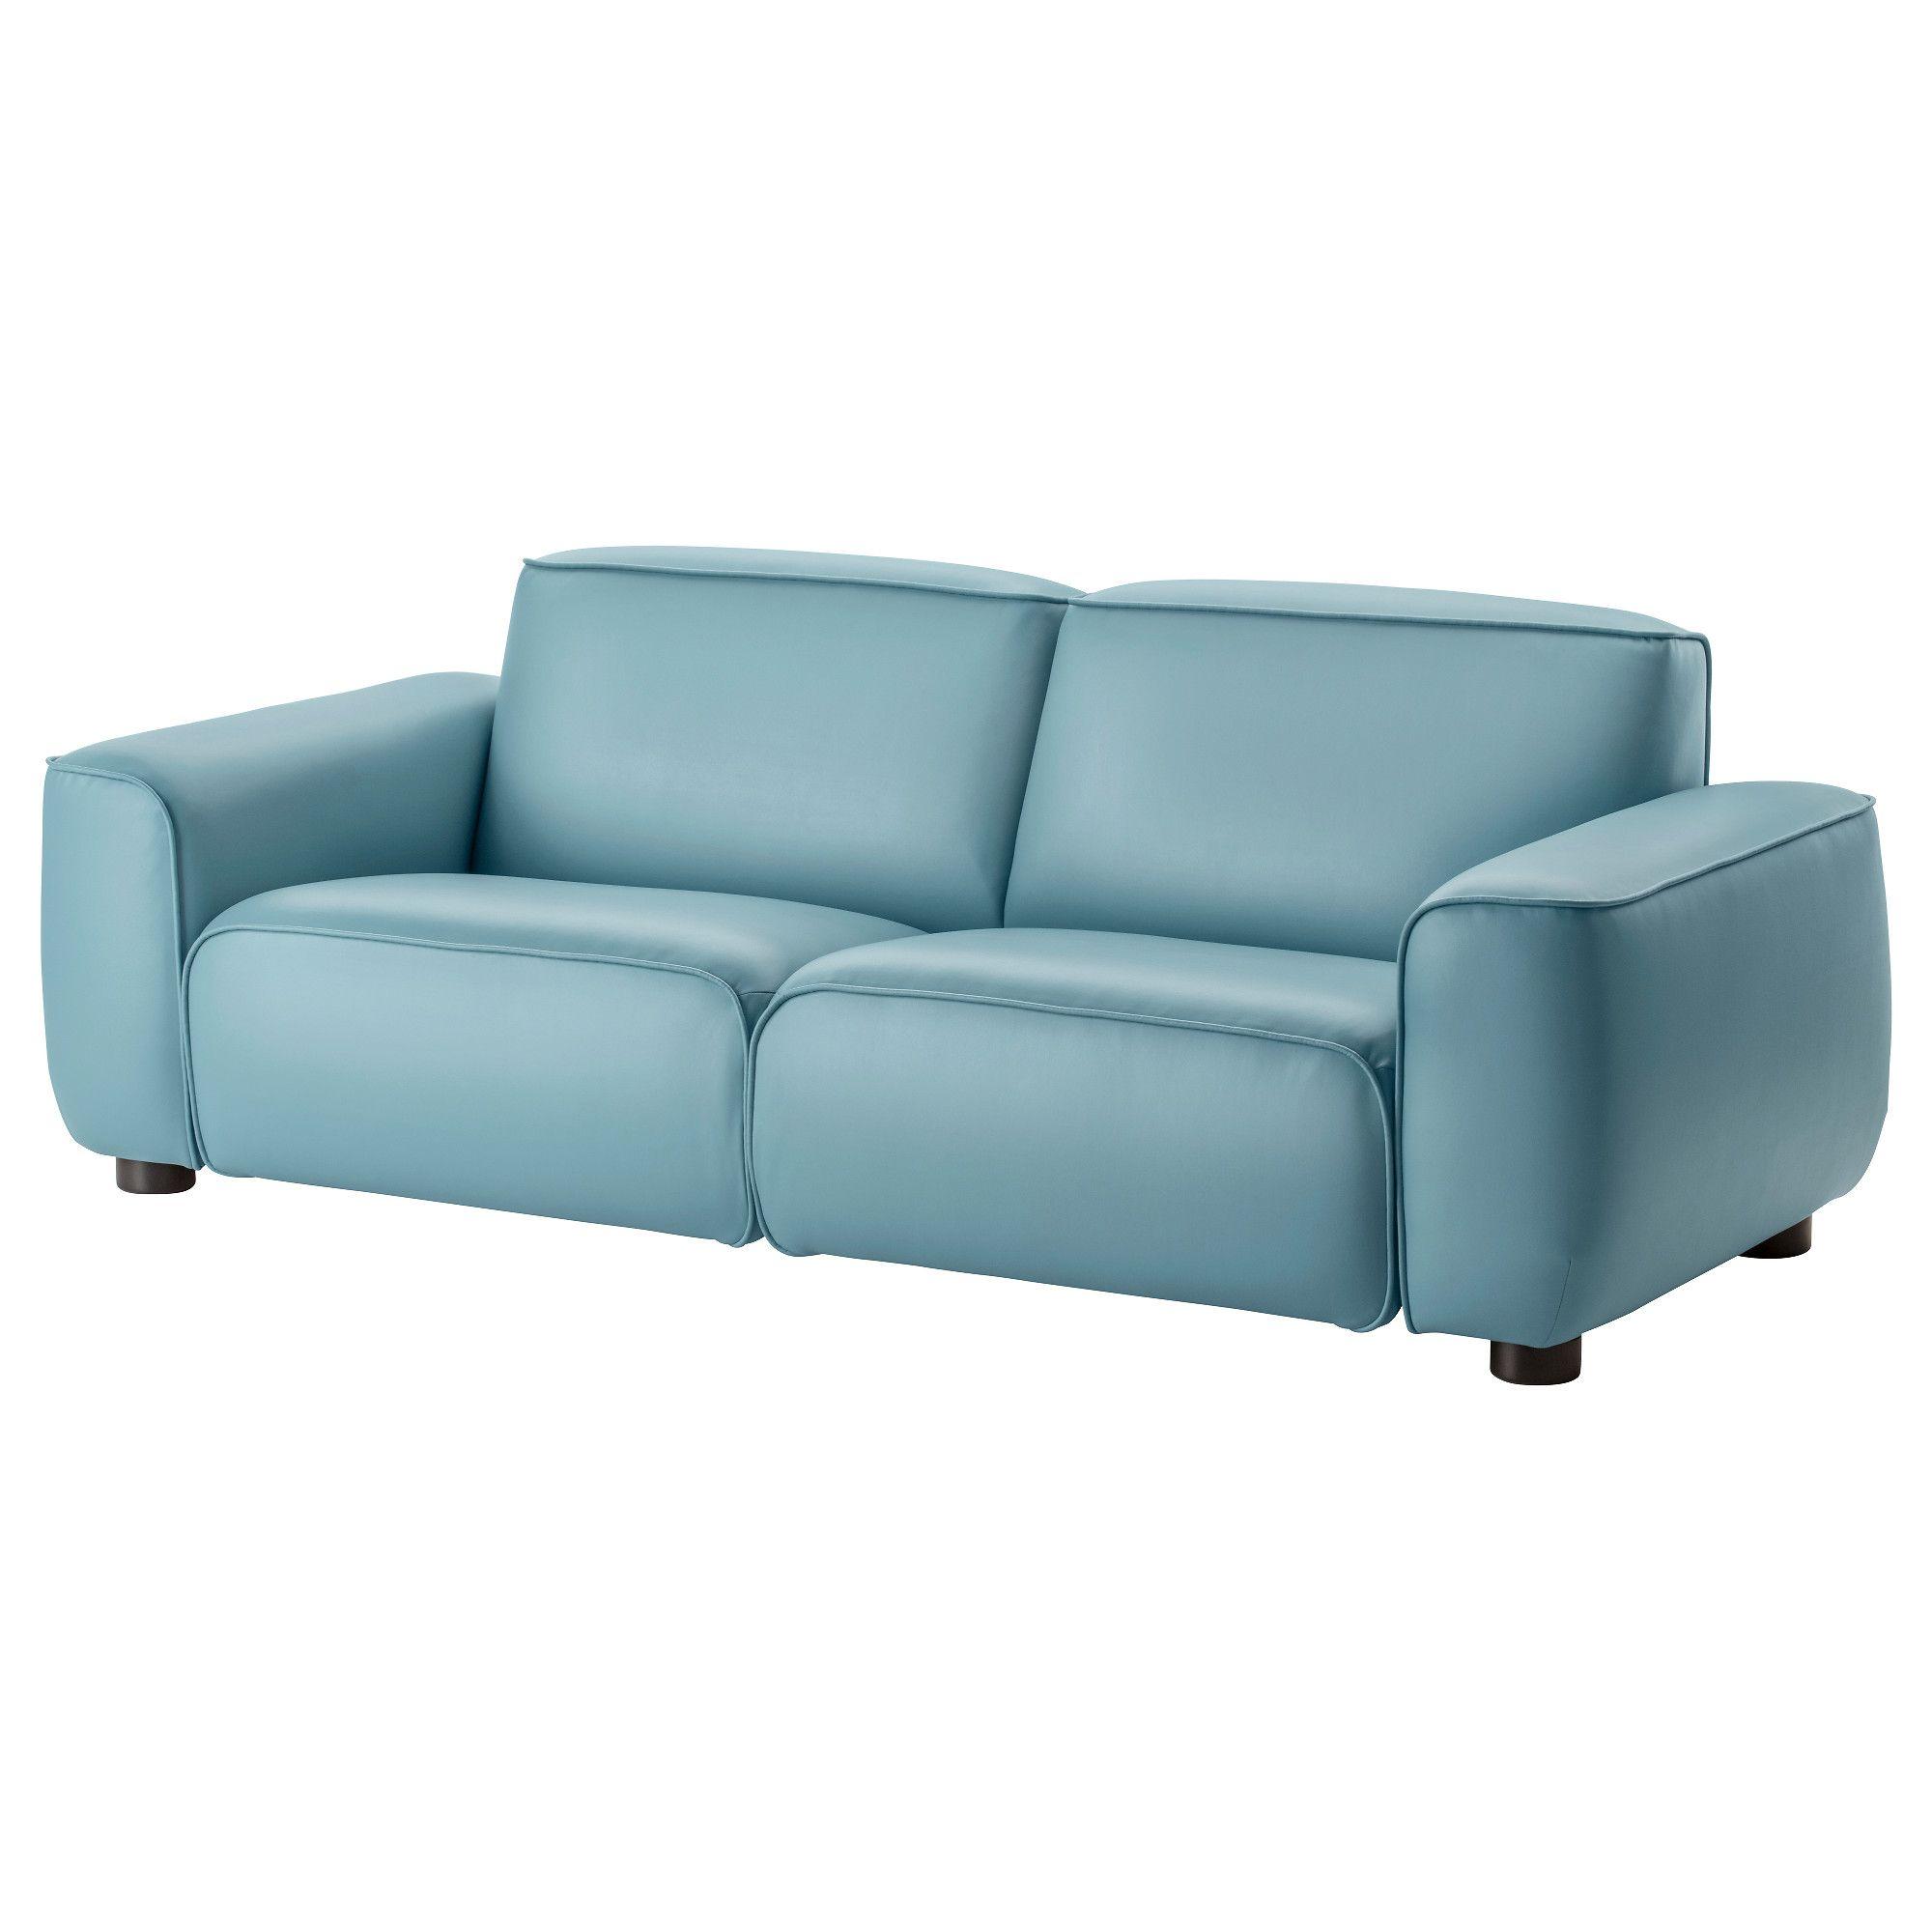 Meubles Et Accessoires Canape En Cuir Bleu Canape Cuir Et